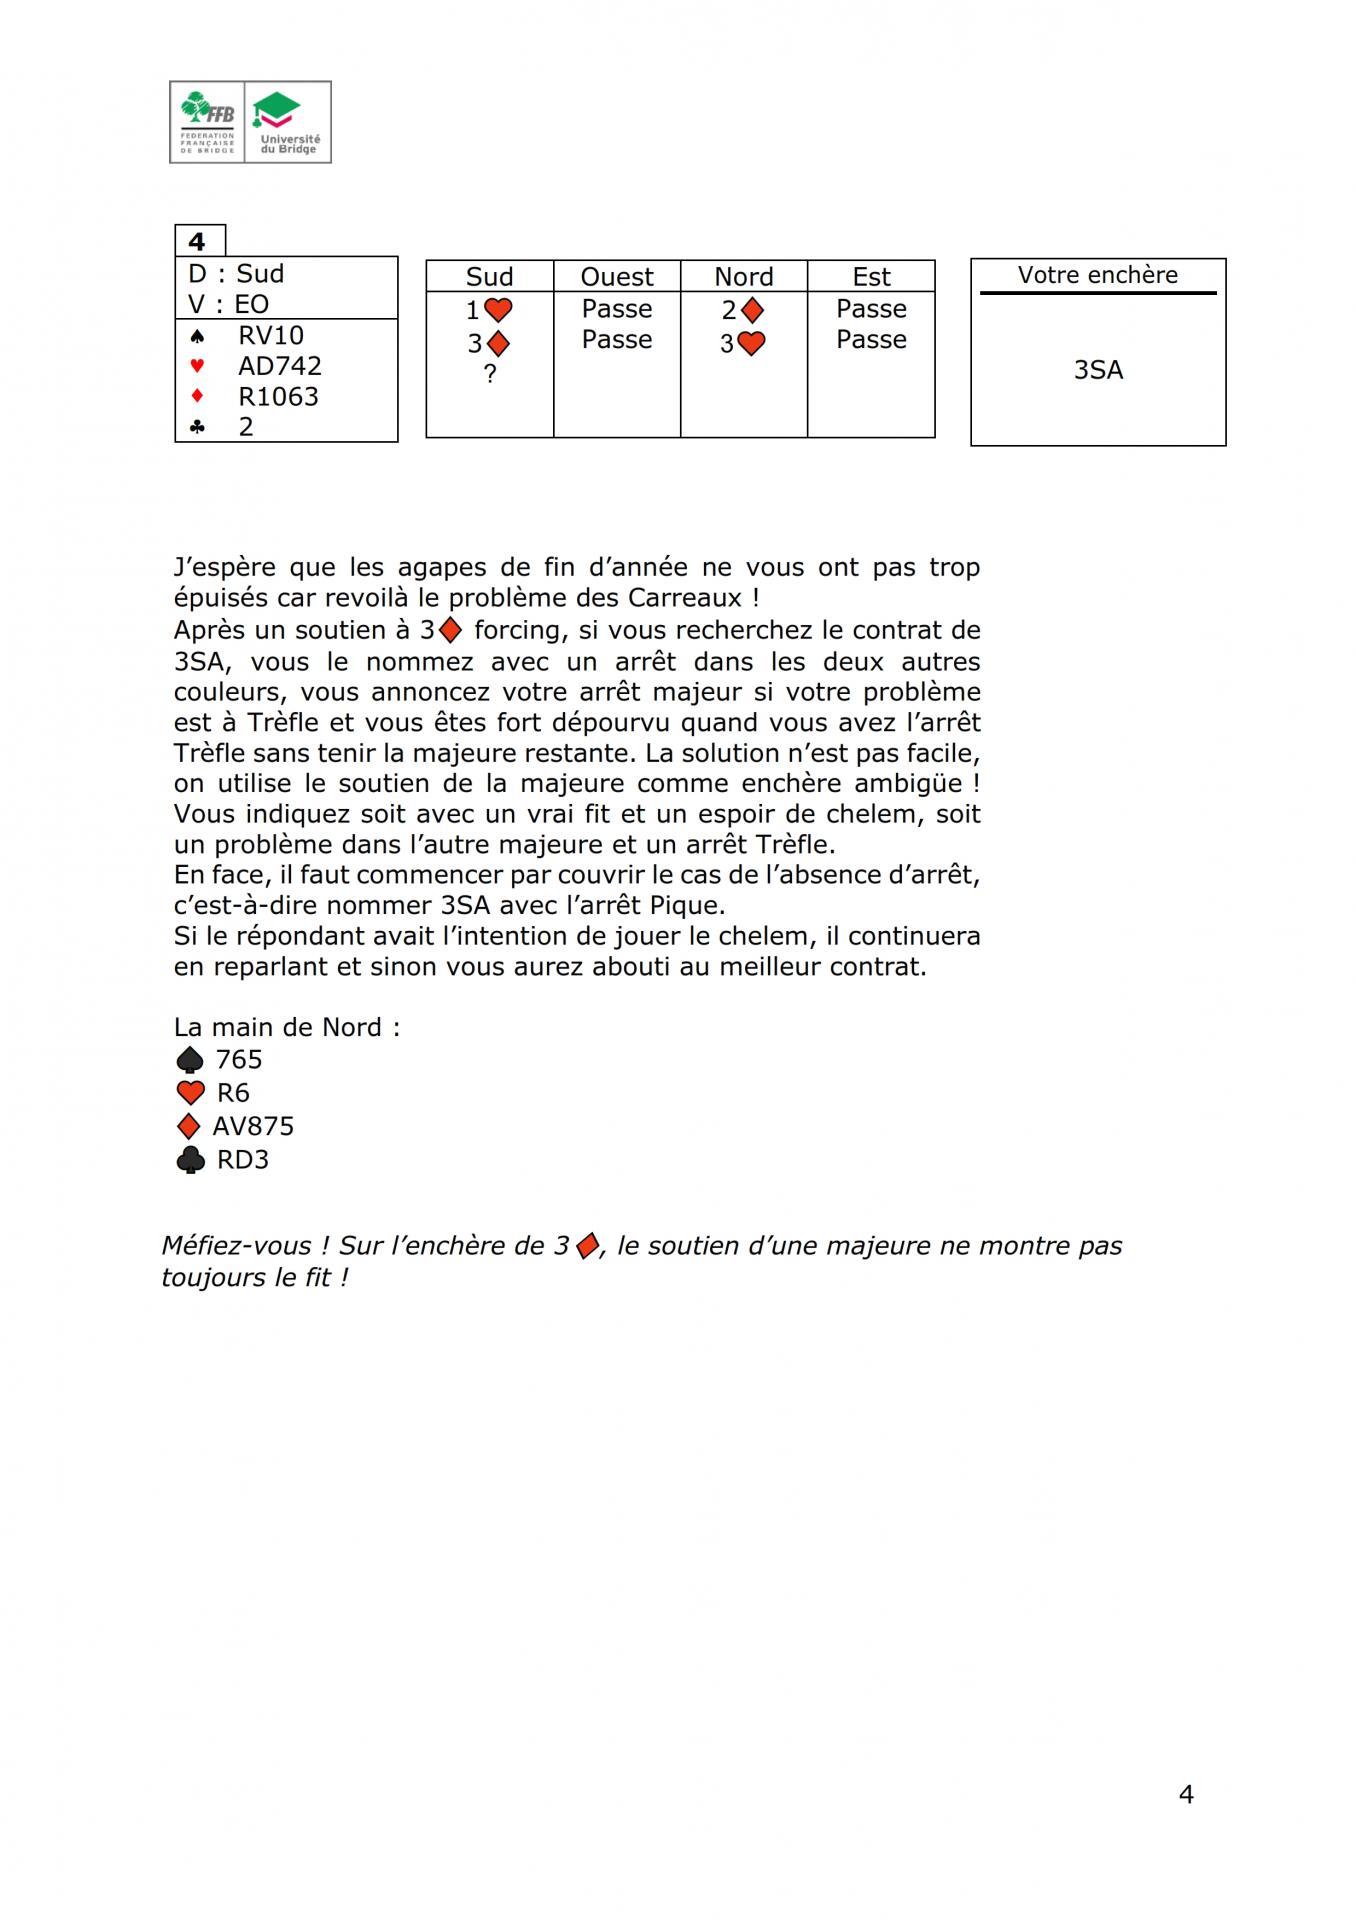 Formation continue des moniteurs solutions janvier2020 004